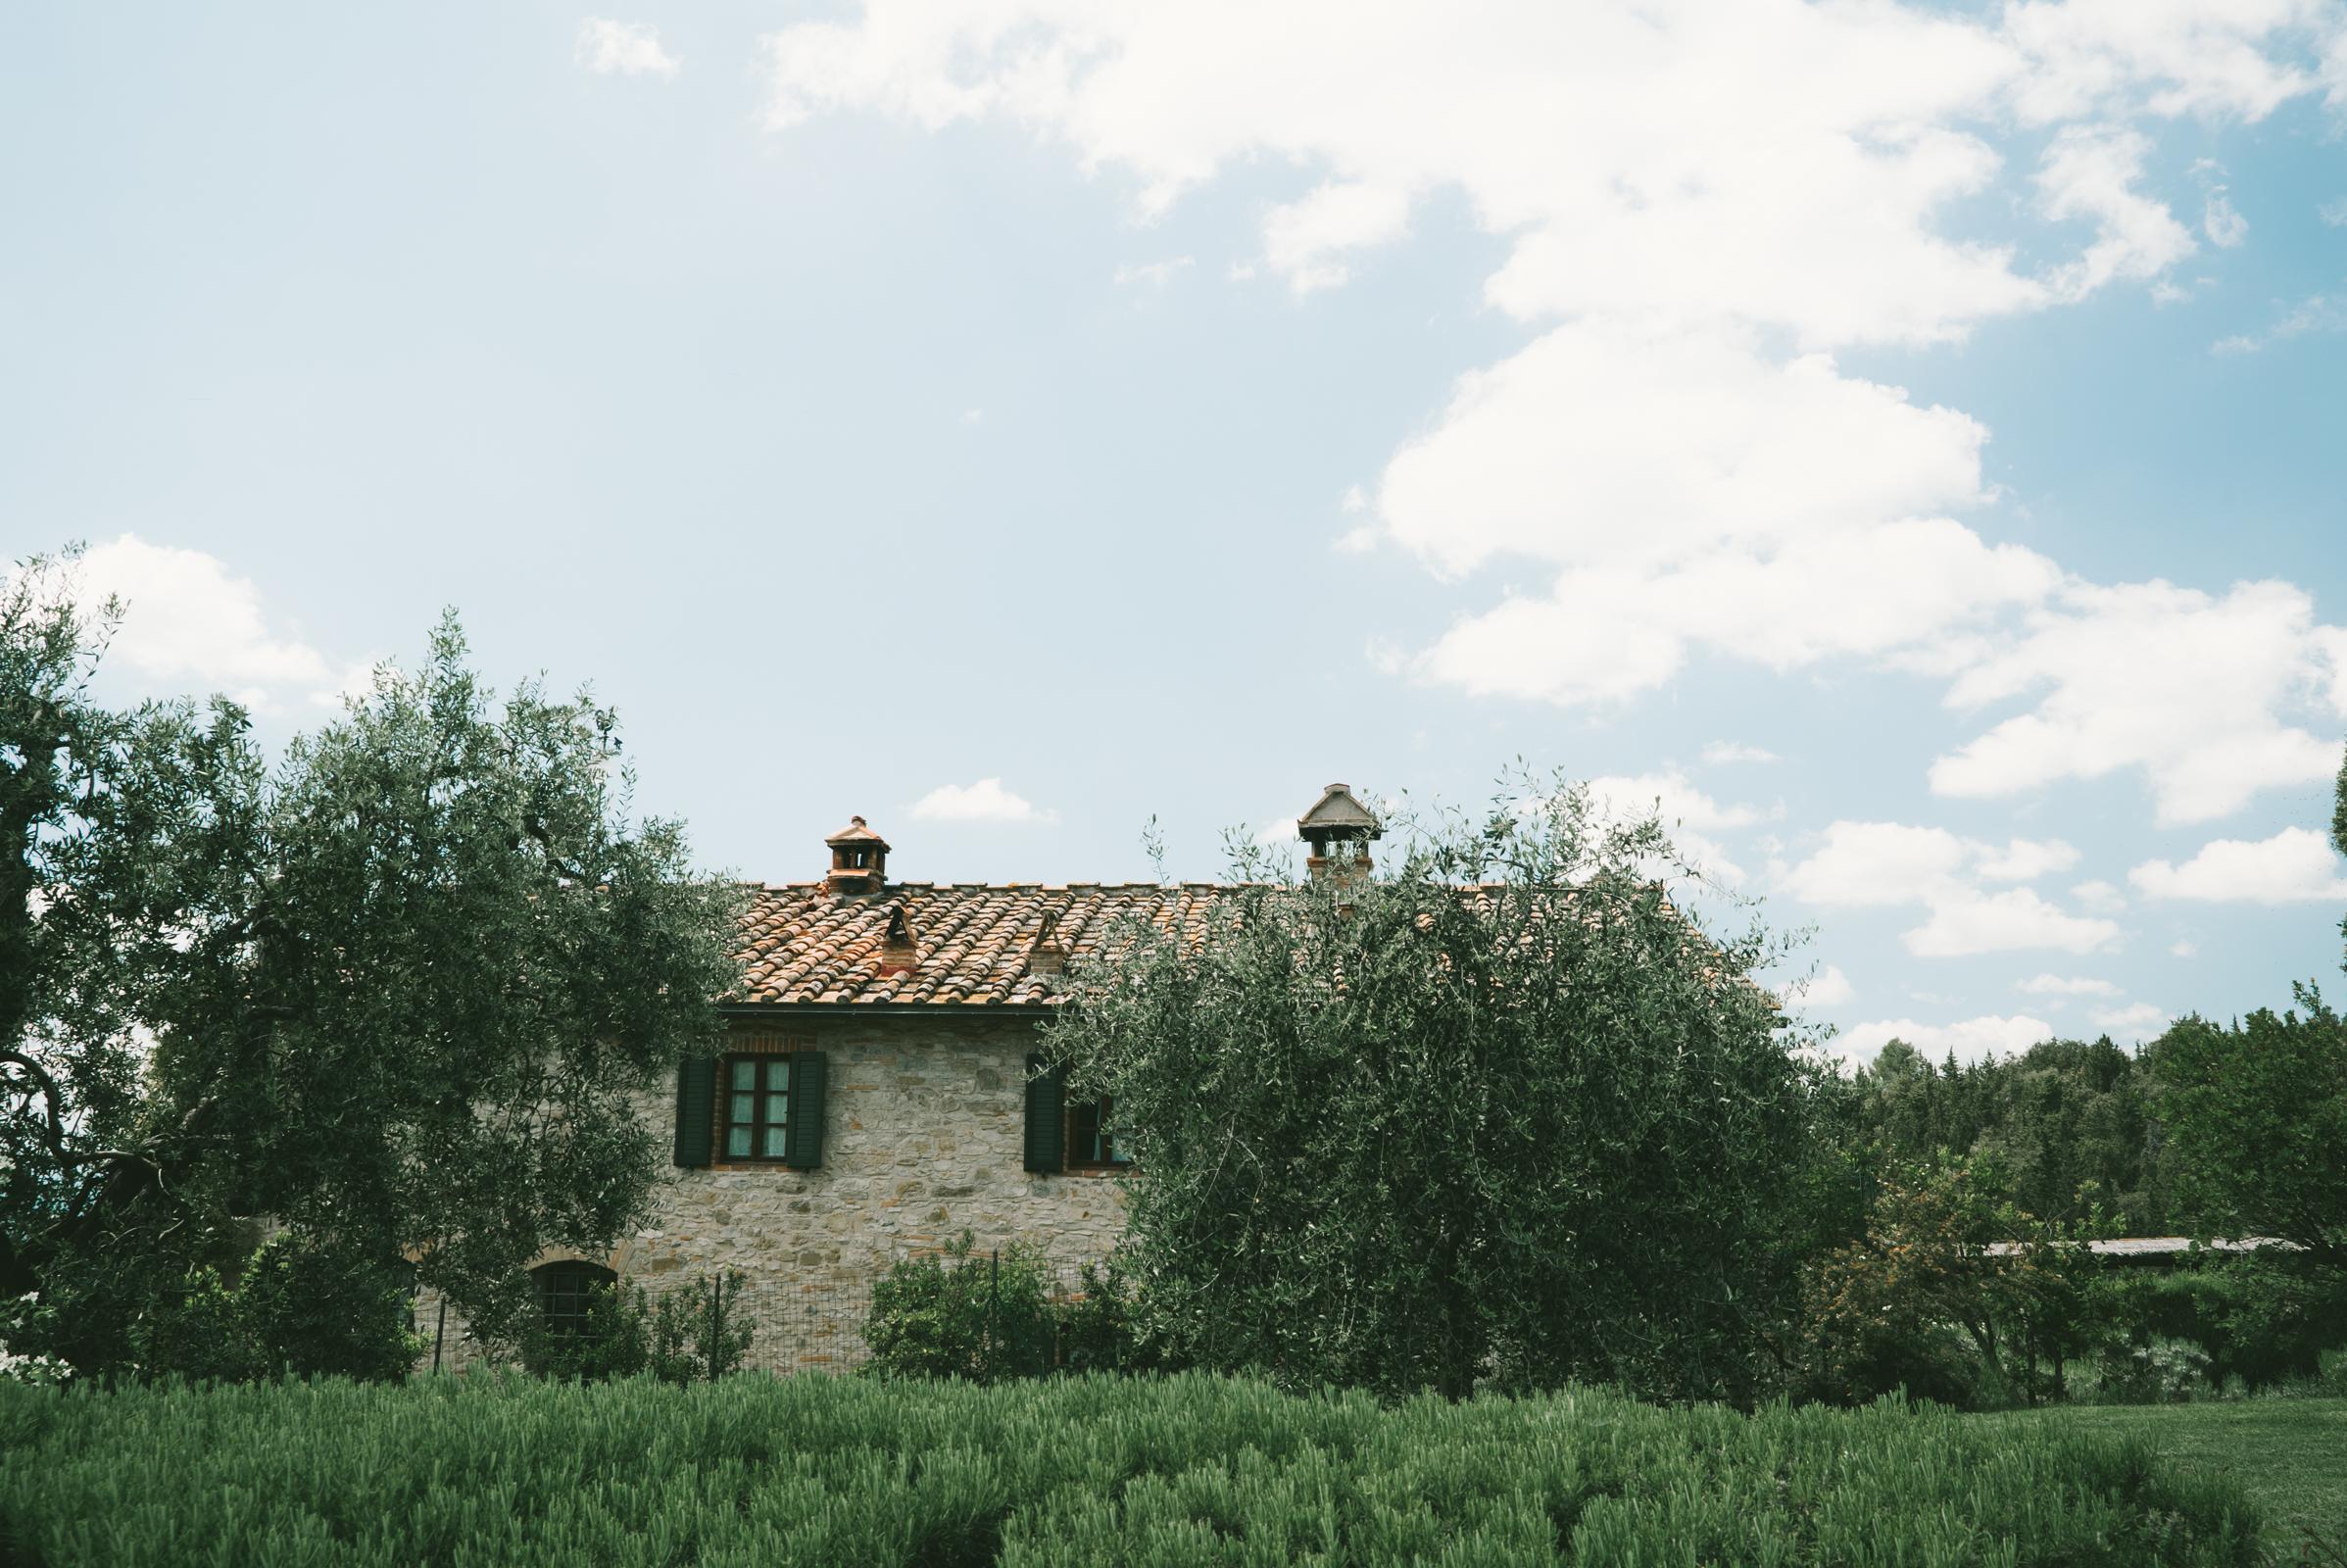 tuscanyitaly-5.jpg